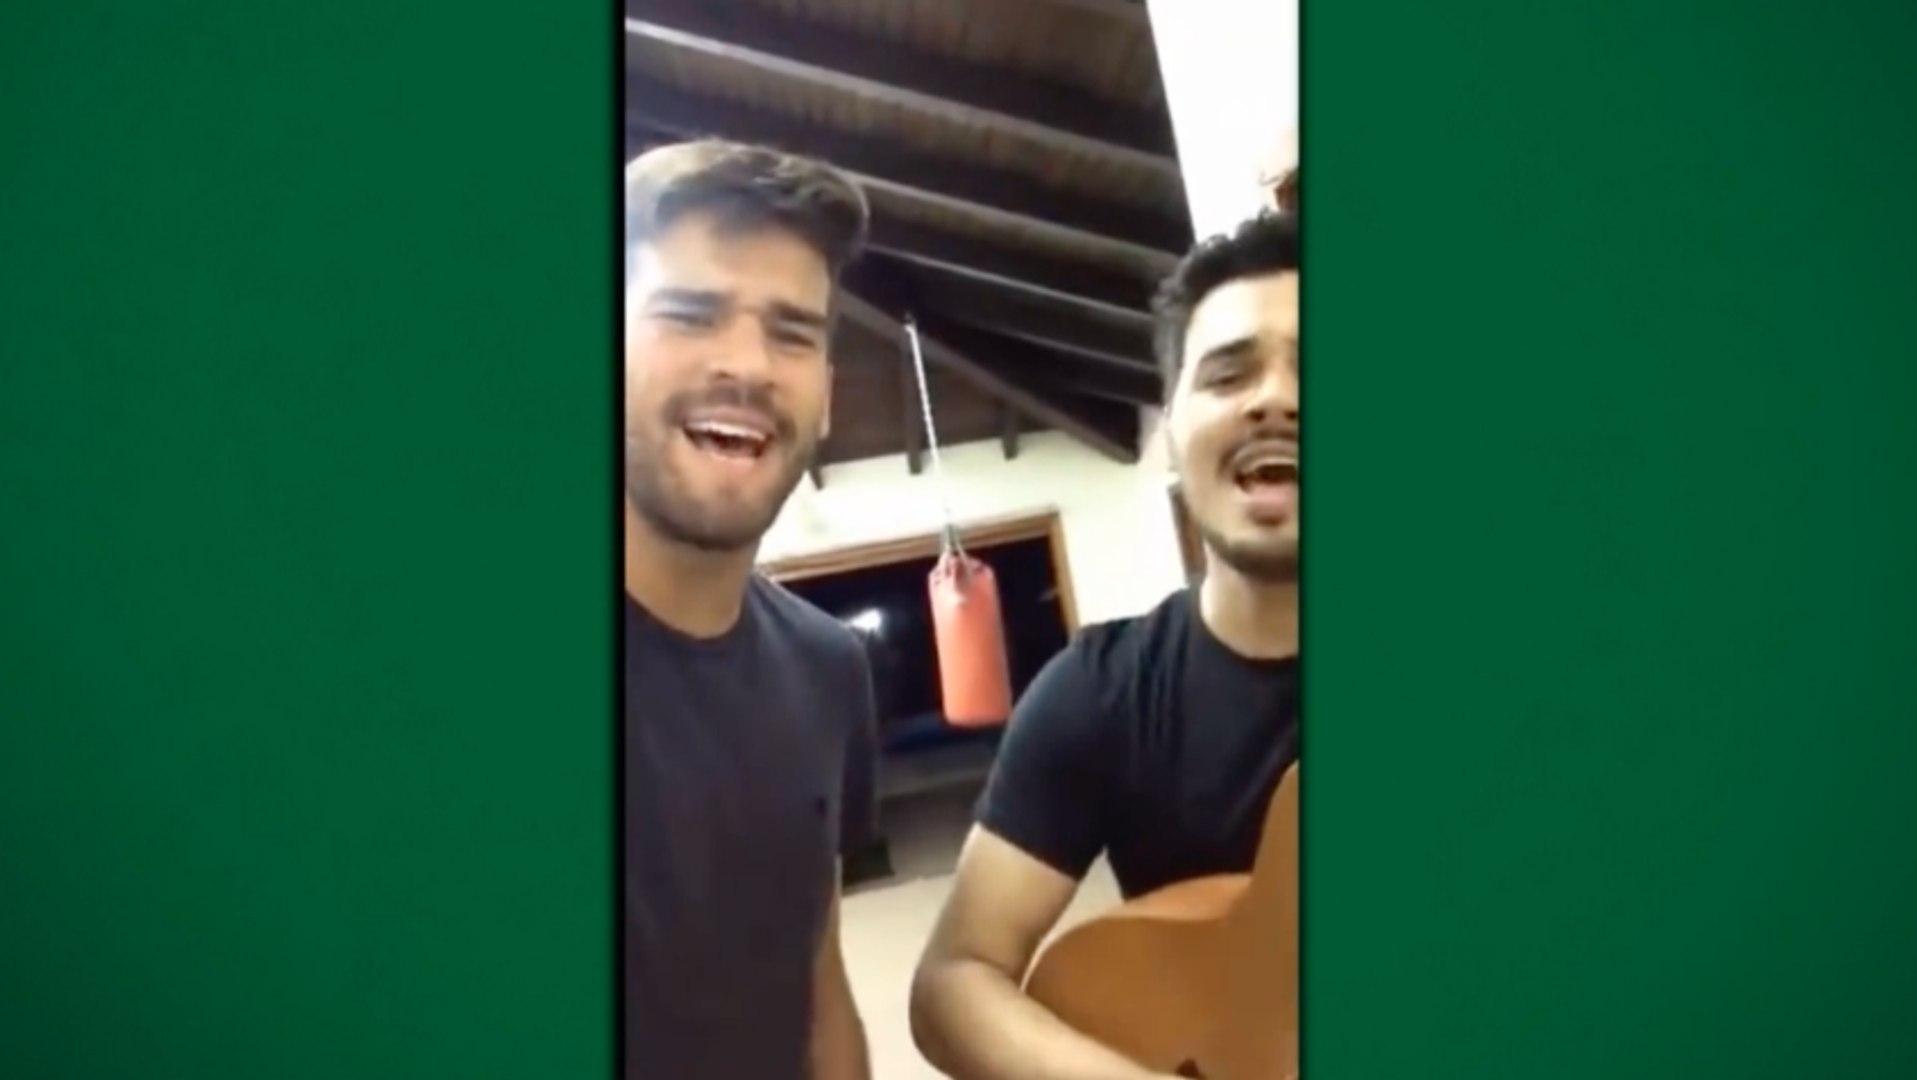 Goleiro Alisson aparece cantando sertanejo em vídeo